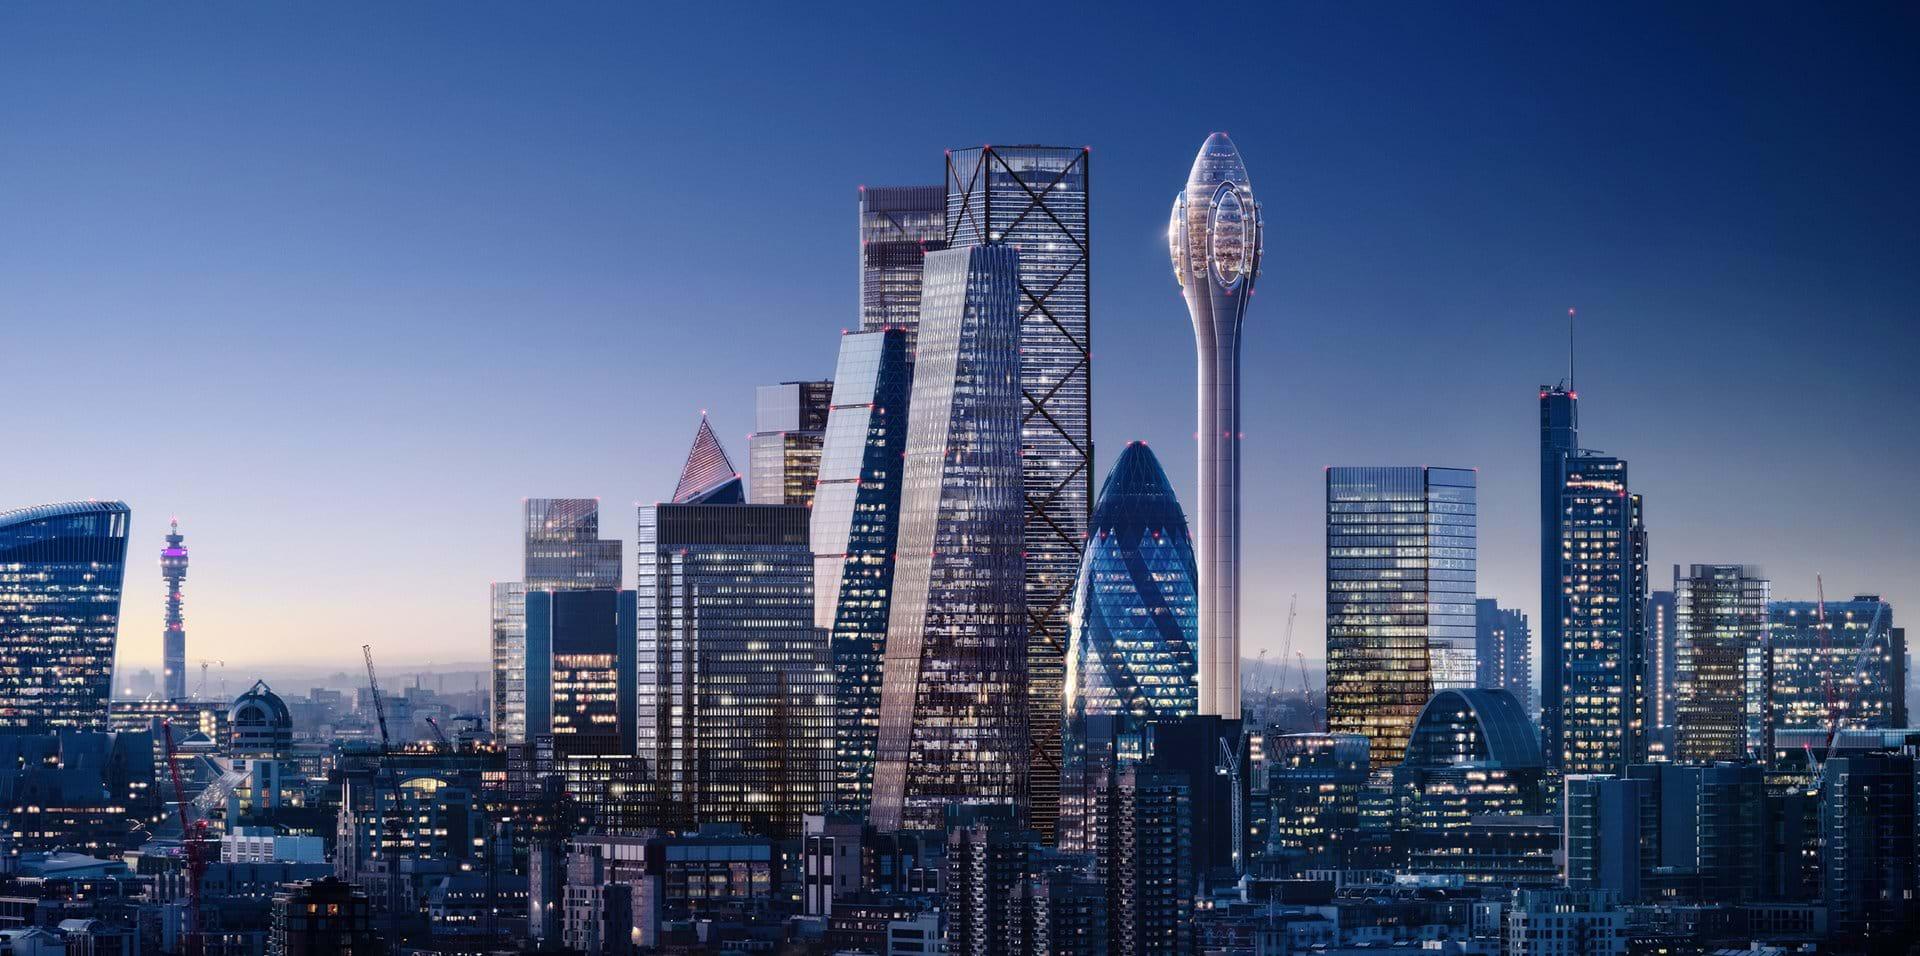 «Тюльпан»: новая культурная и туристическая достопримечательность Лондона - фото 1